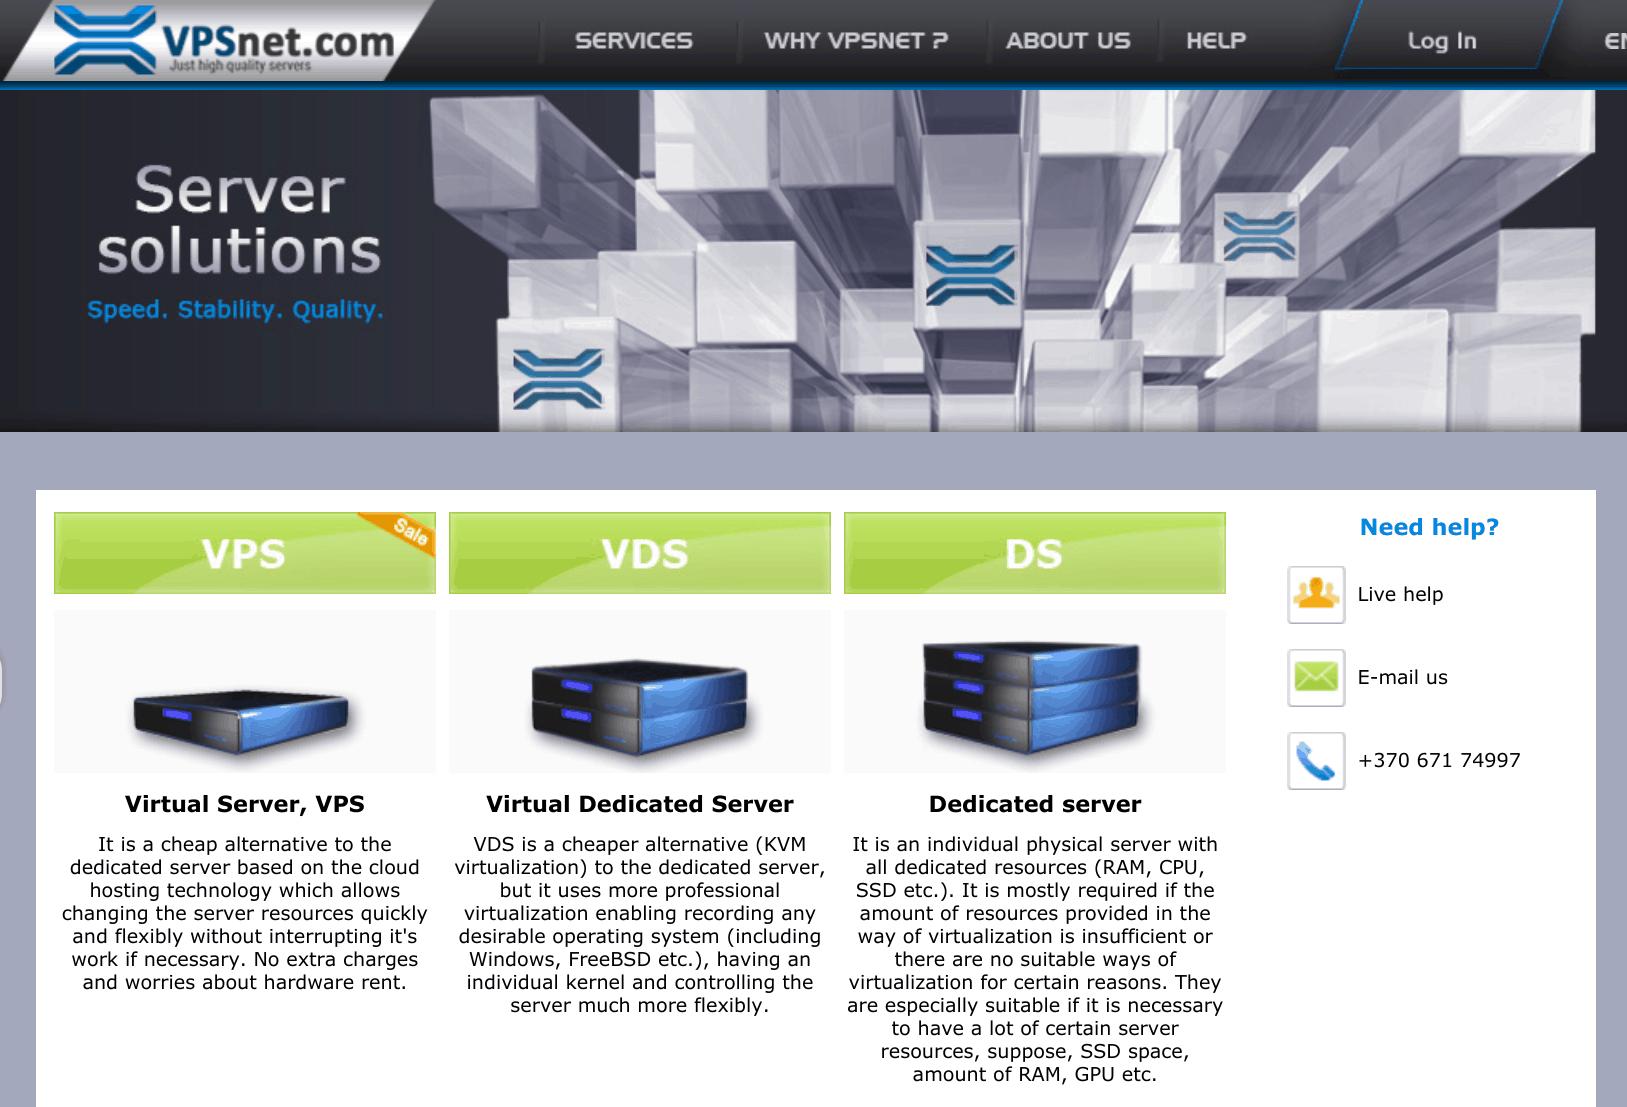 VPSnet